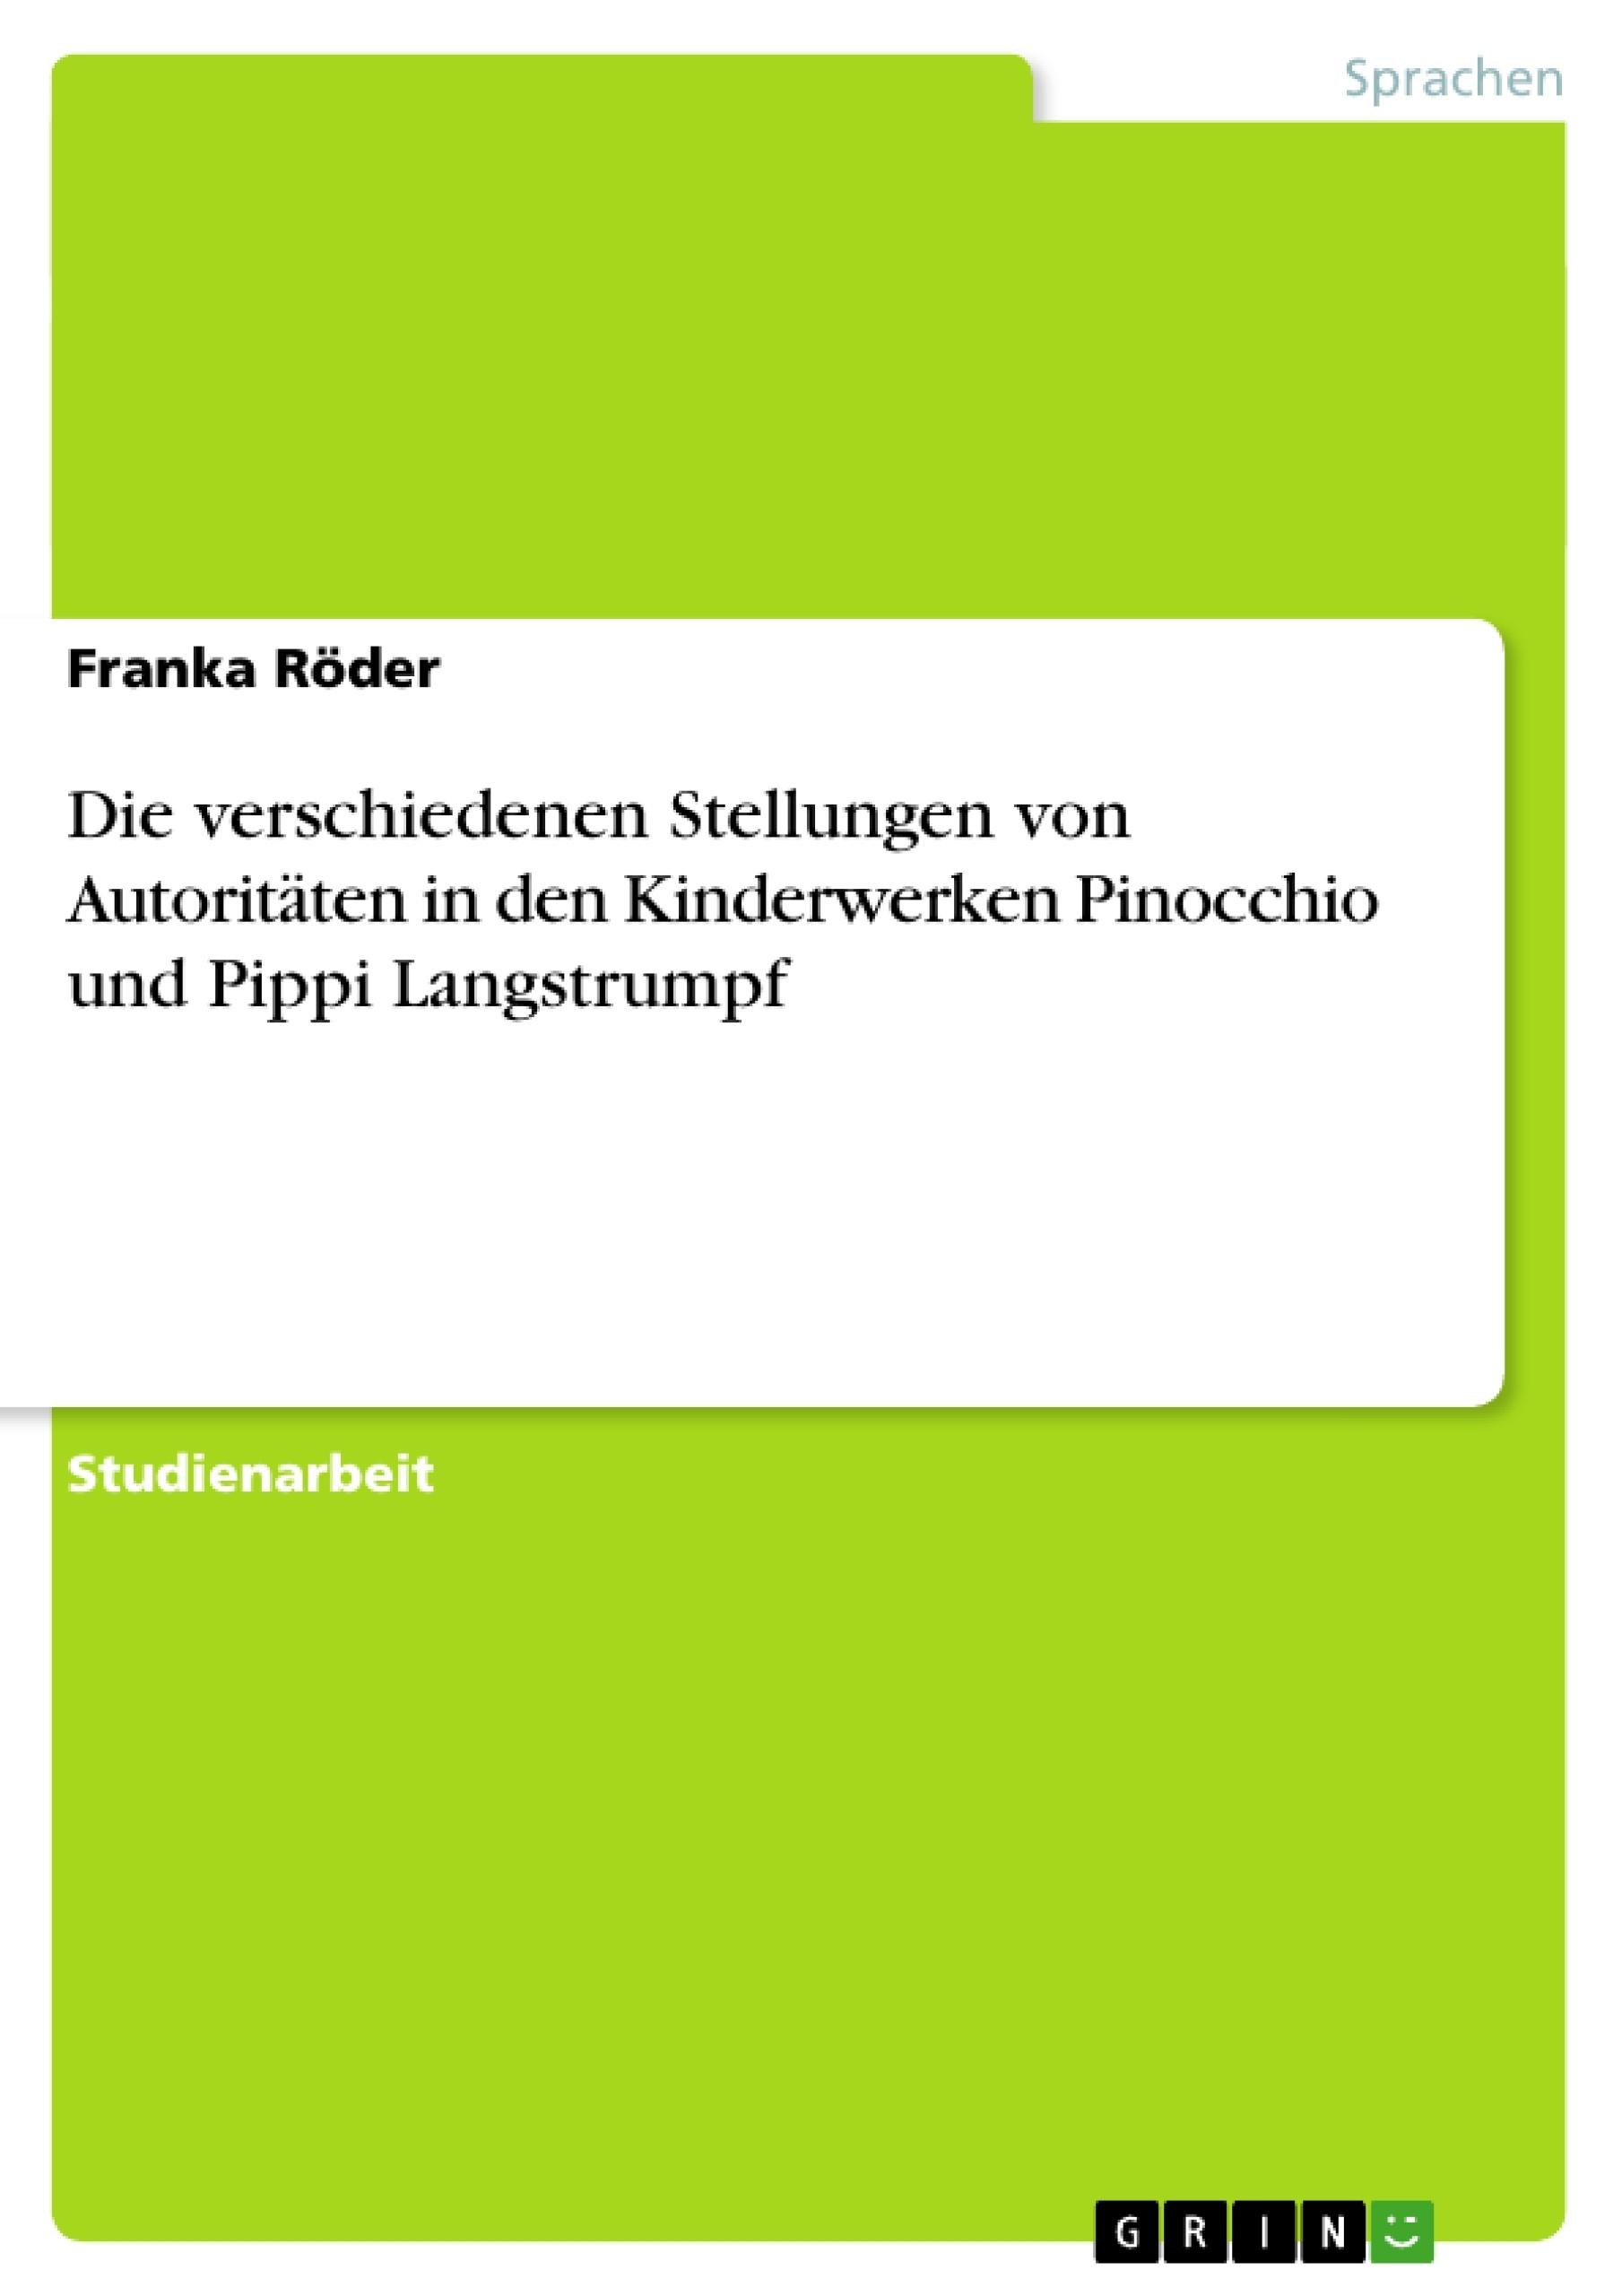 Titel: Die verschiedenen Stellungen von Autoritäten in den Kinderwerken Pinocchio und Pippi Langstrumpf